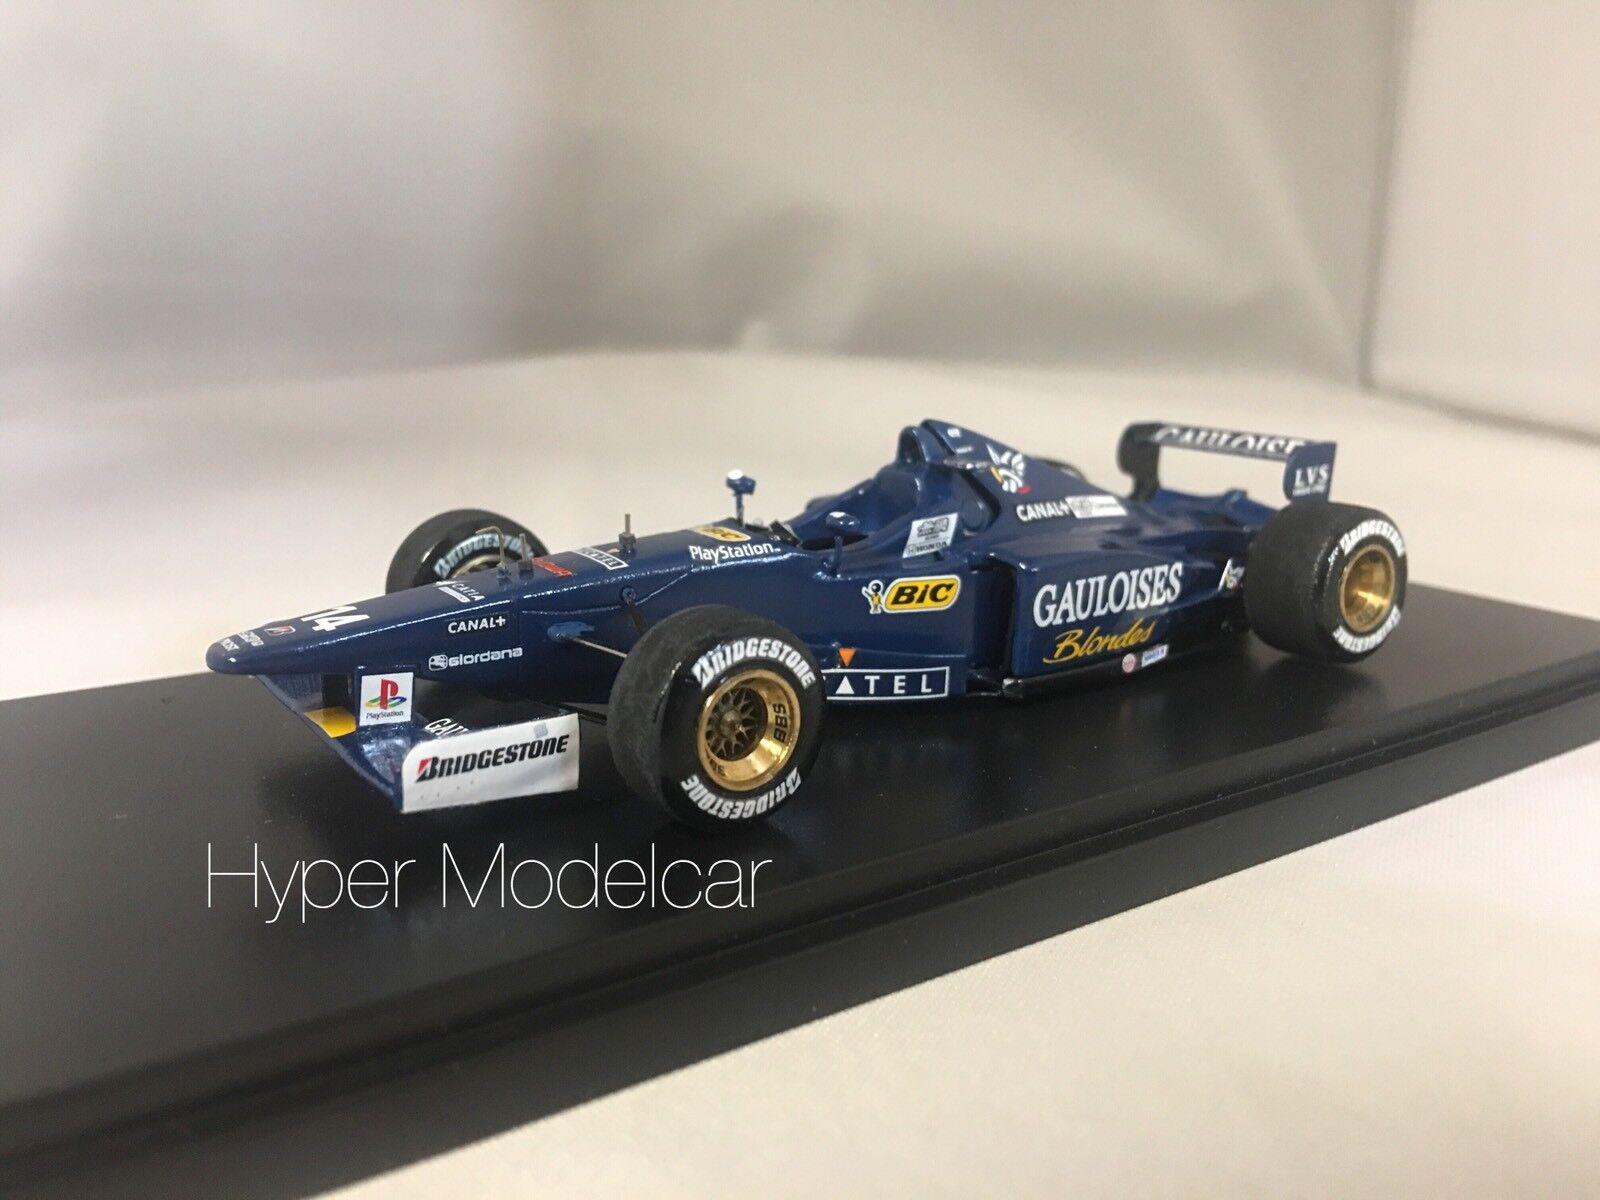 TAMEO KIT 1 43 F1 Prost JS45 Mugen J. Trulli Stagione 1997